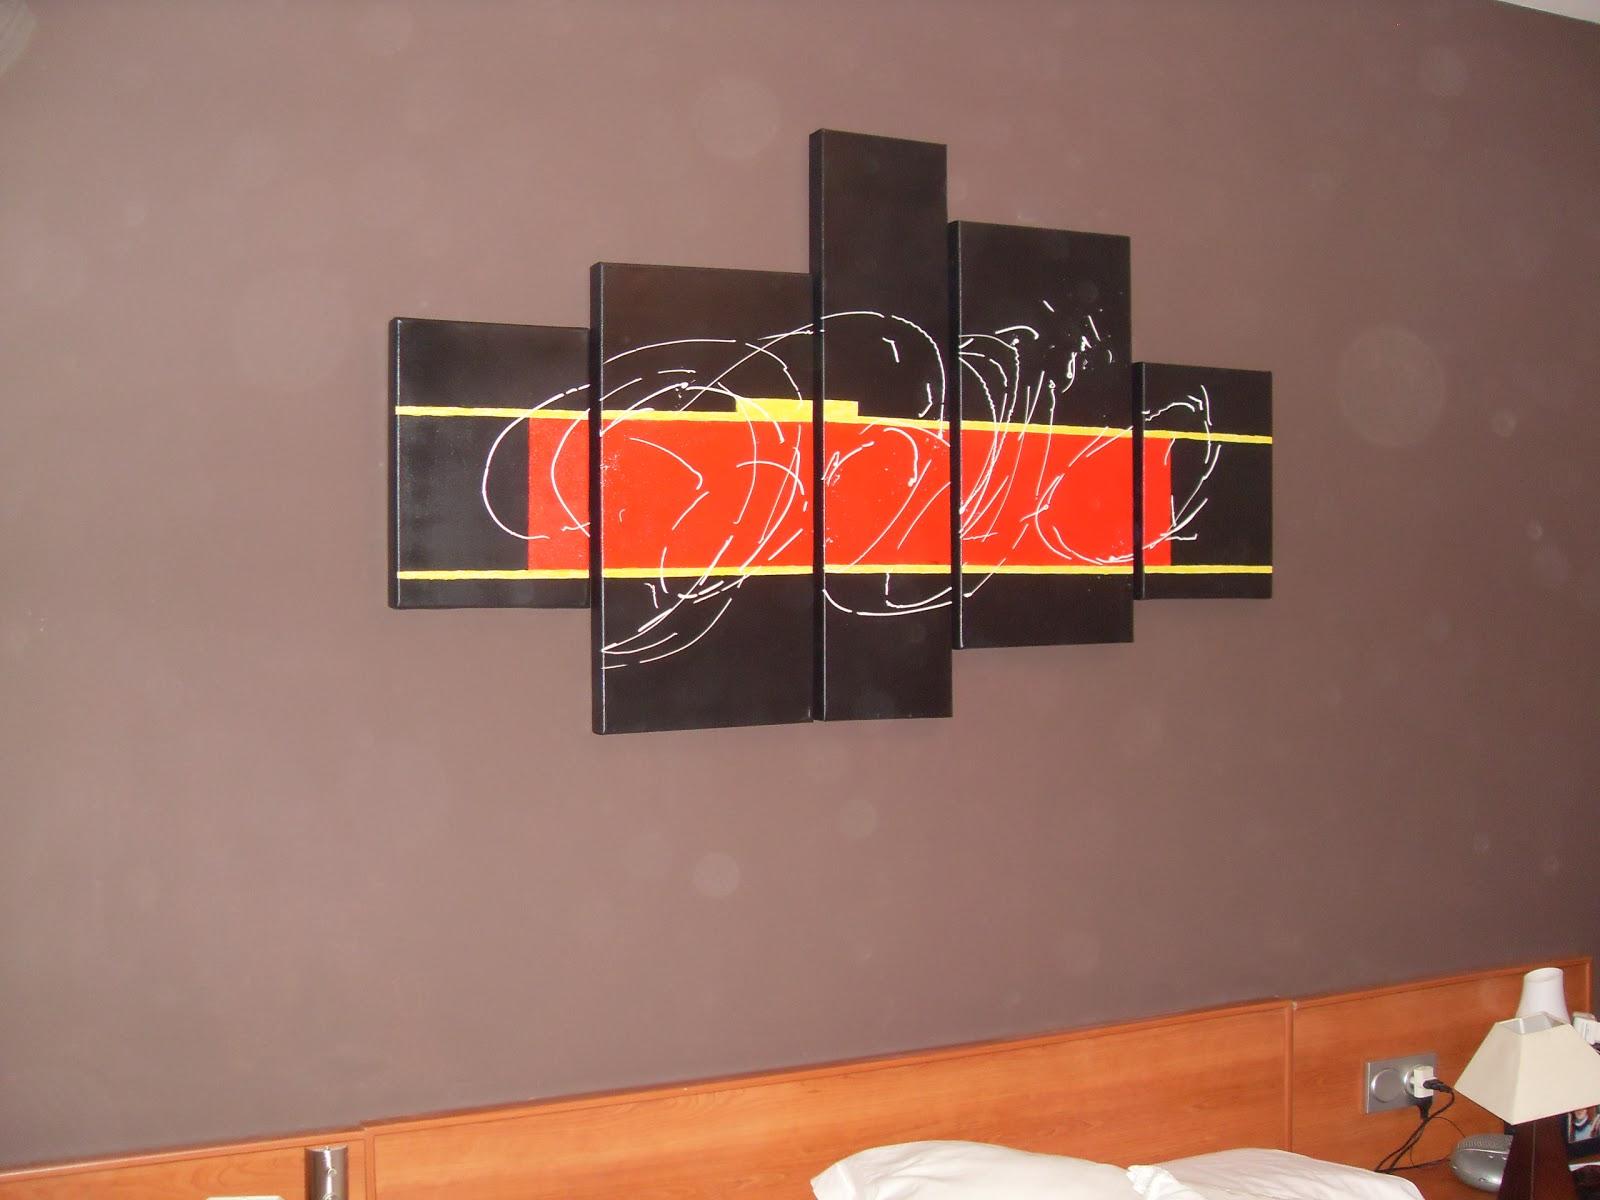 Mi nueva adquisicion cuadros modernos sibaritismos de inma - Lo ultimo en cuadros modernos ...